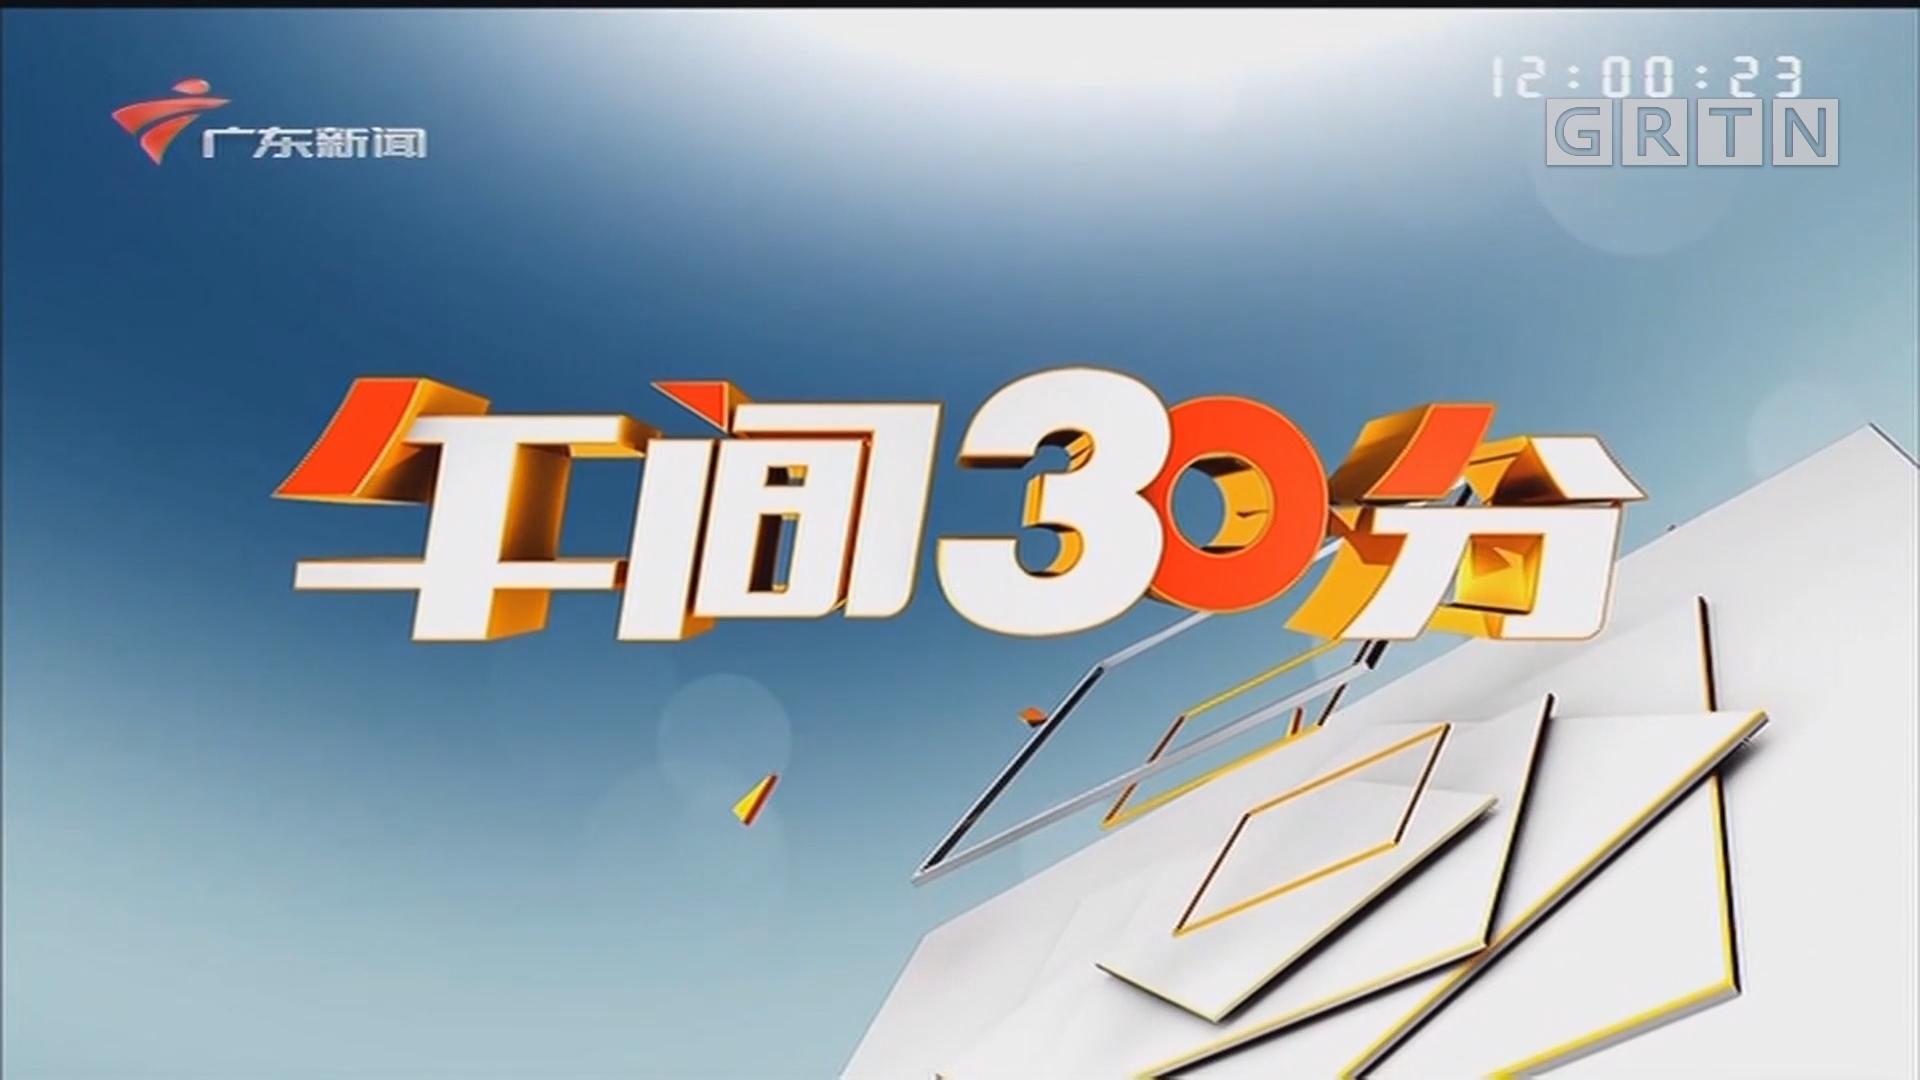 [HD][2020-02-27]午间30分:广州市人民政府召开广医大疫情专场新闻通气会 钟南山:力争4月底基本控制疫情